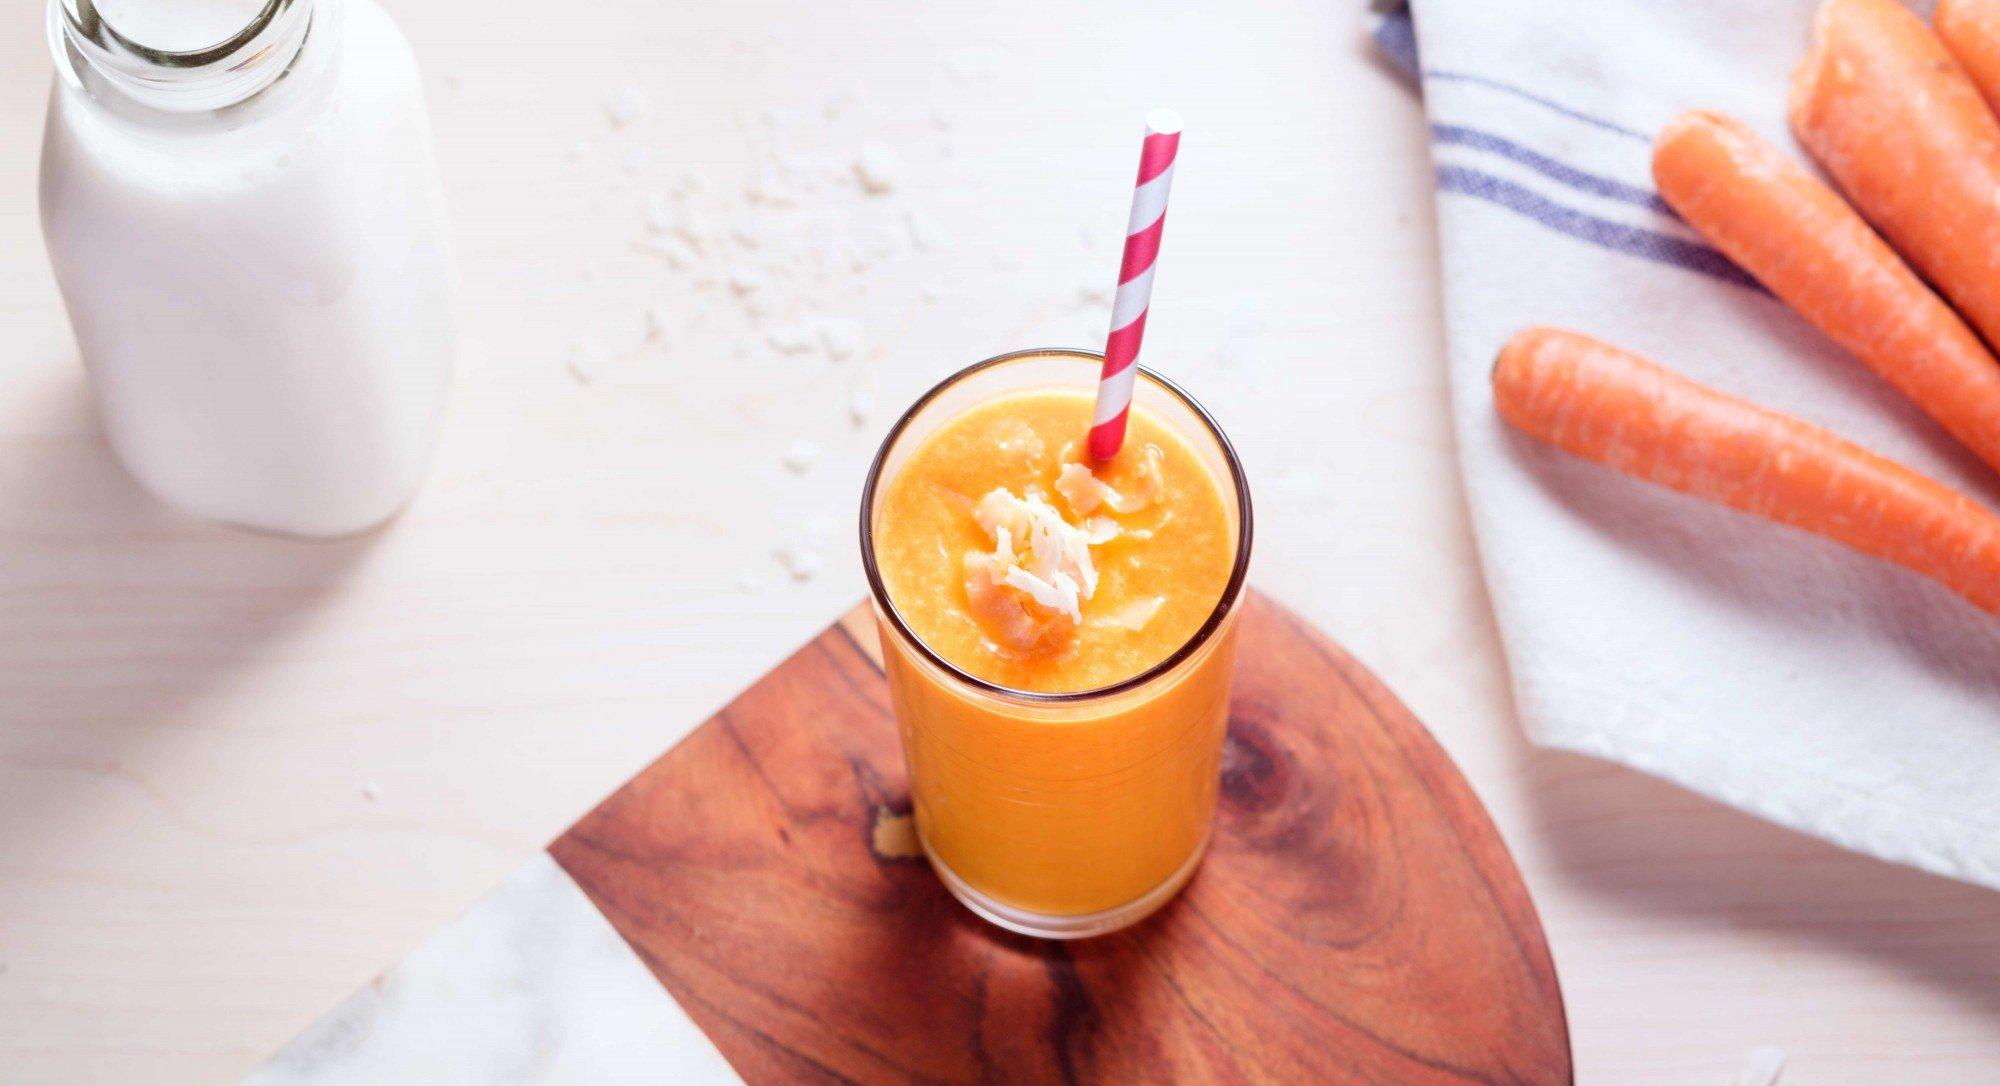 Chỉ cần uống thức uống này mỗi sáng, đảm bảo bạn sẽ không bao giờ cảm vặt nữa!